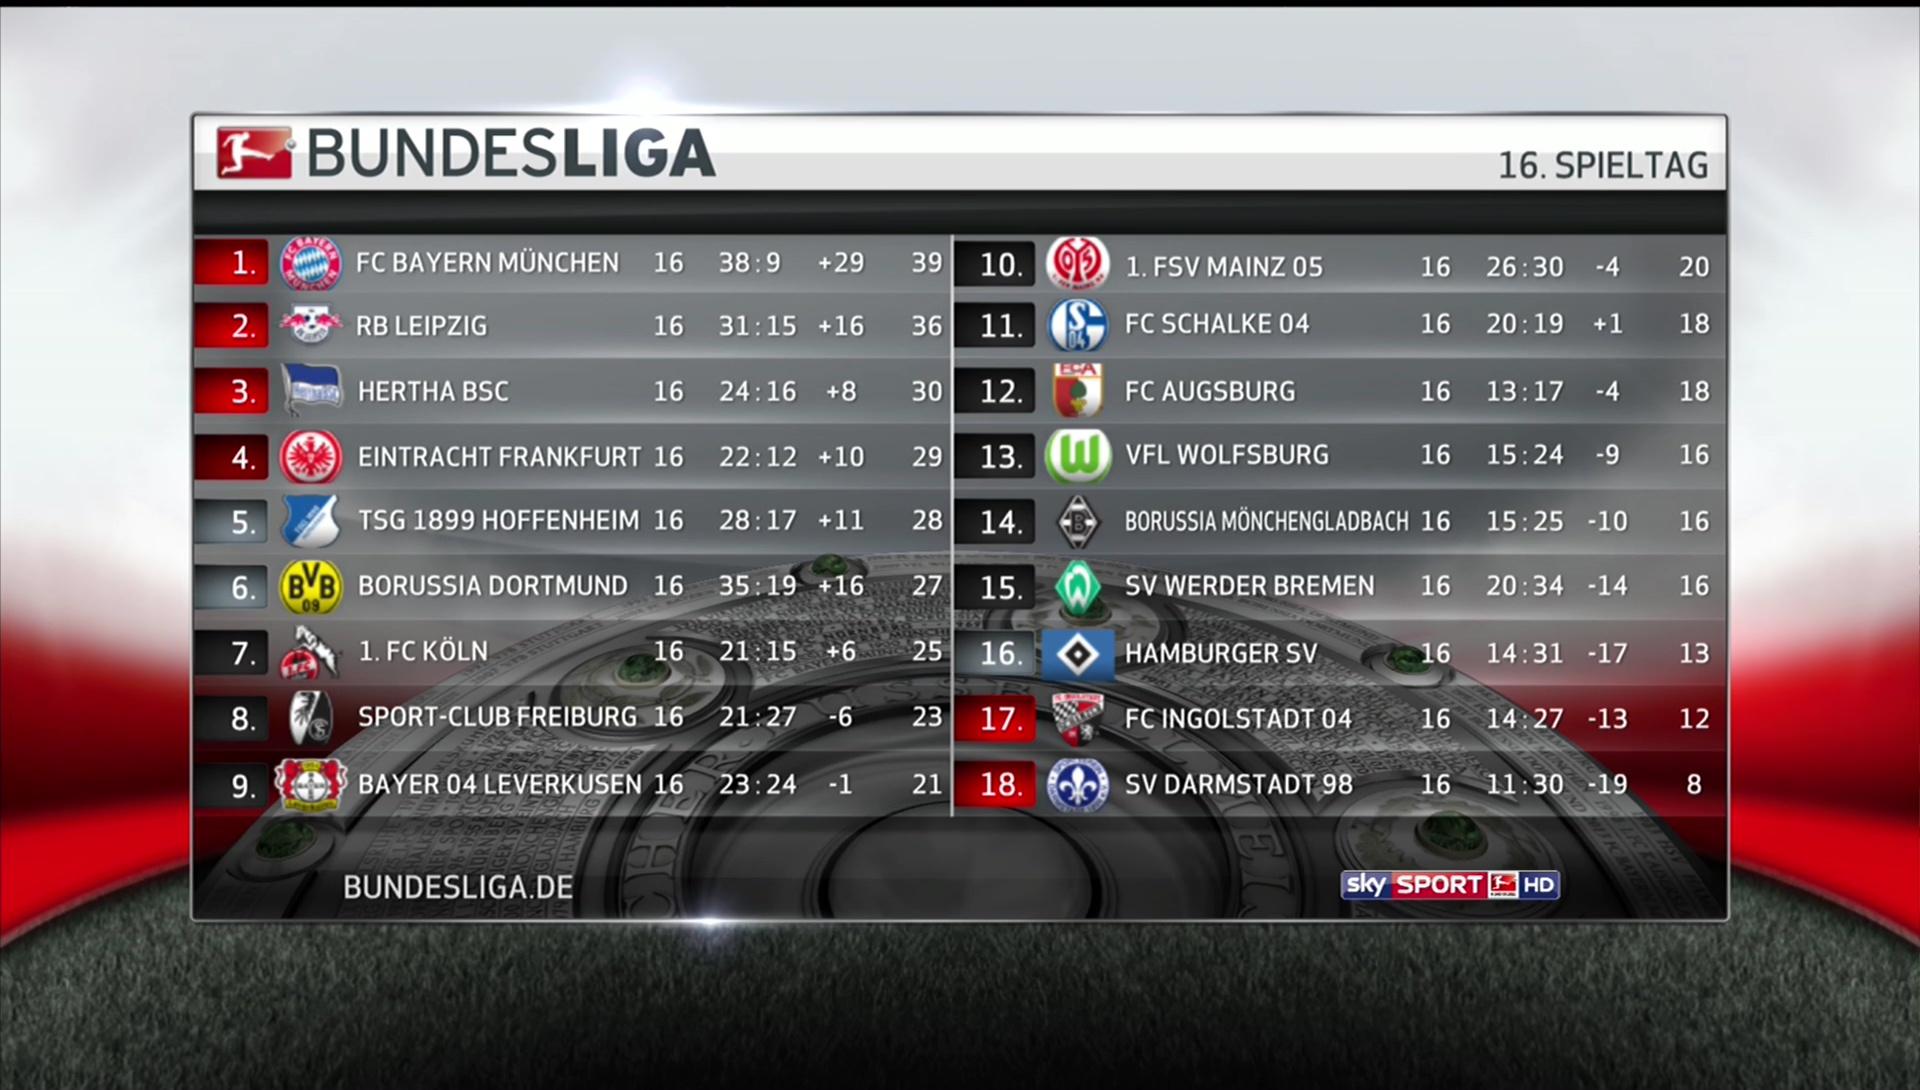 Bundesliga table 17 18 elcho table - Last season bundesliga table ...